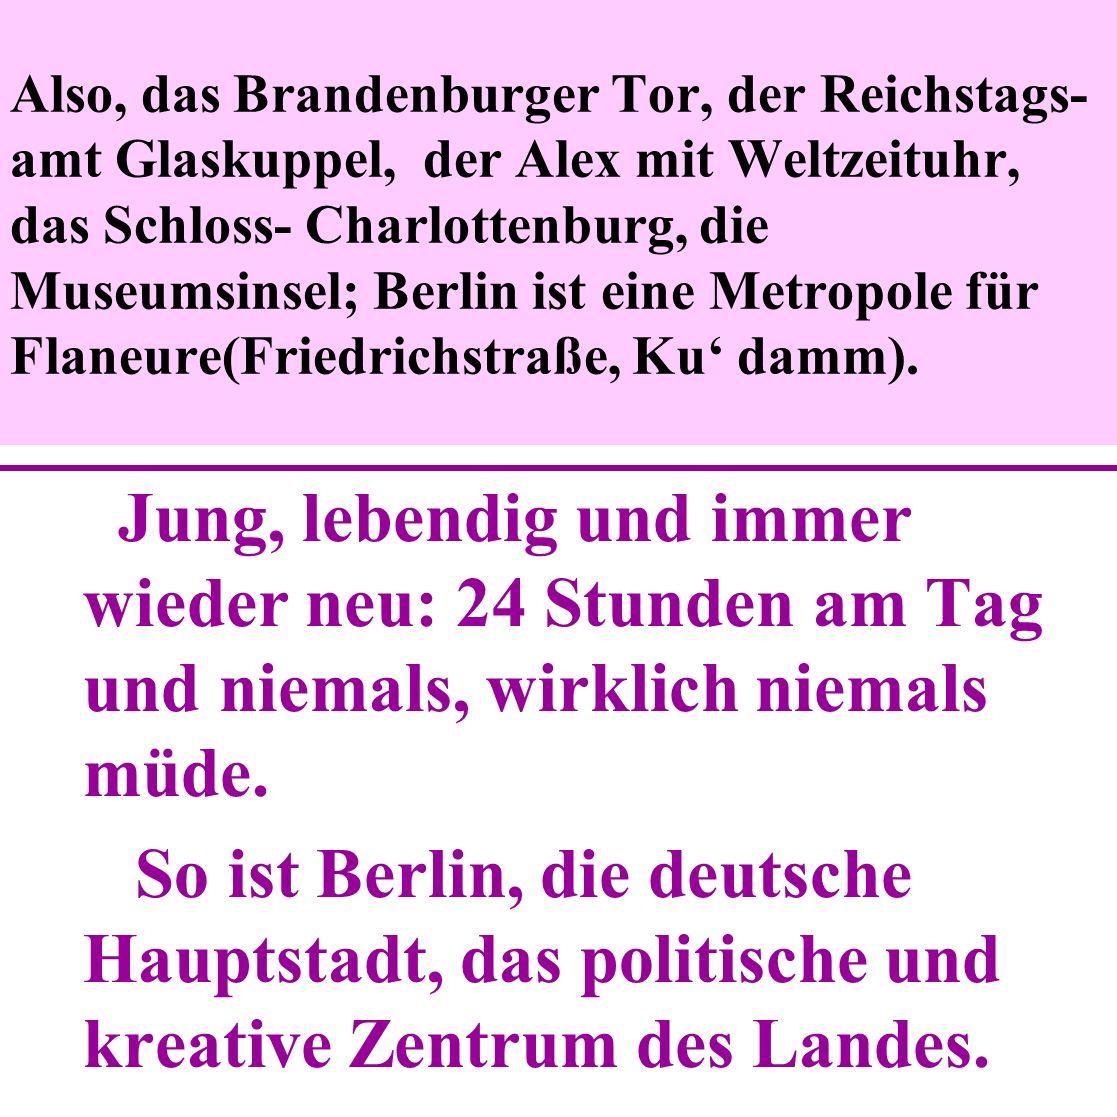 Also, das Brandenburger Tor, der Reichstags- amt Glaskuppel, der Alex mit Weltzeituhr, das Schloss- Charlottenburg, die Museumsinsel; Berlin ist eine Metropole für Flaneure(Friedrichstraße, Ku damm).